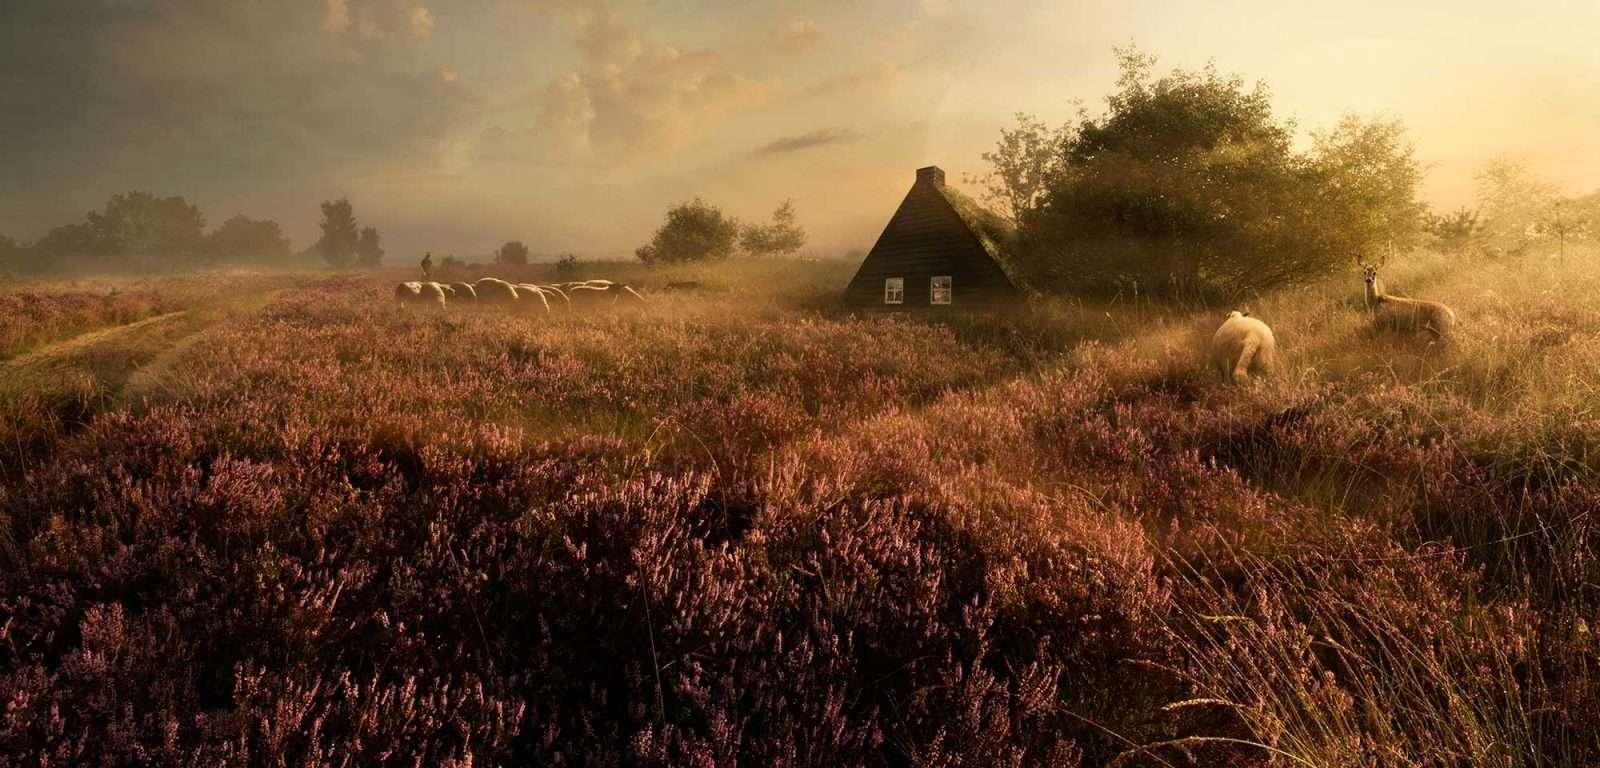 Drentse Heide | Oude tijden herleven